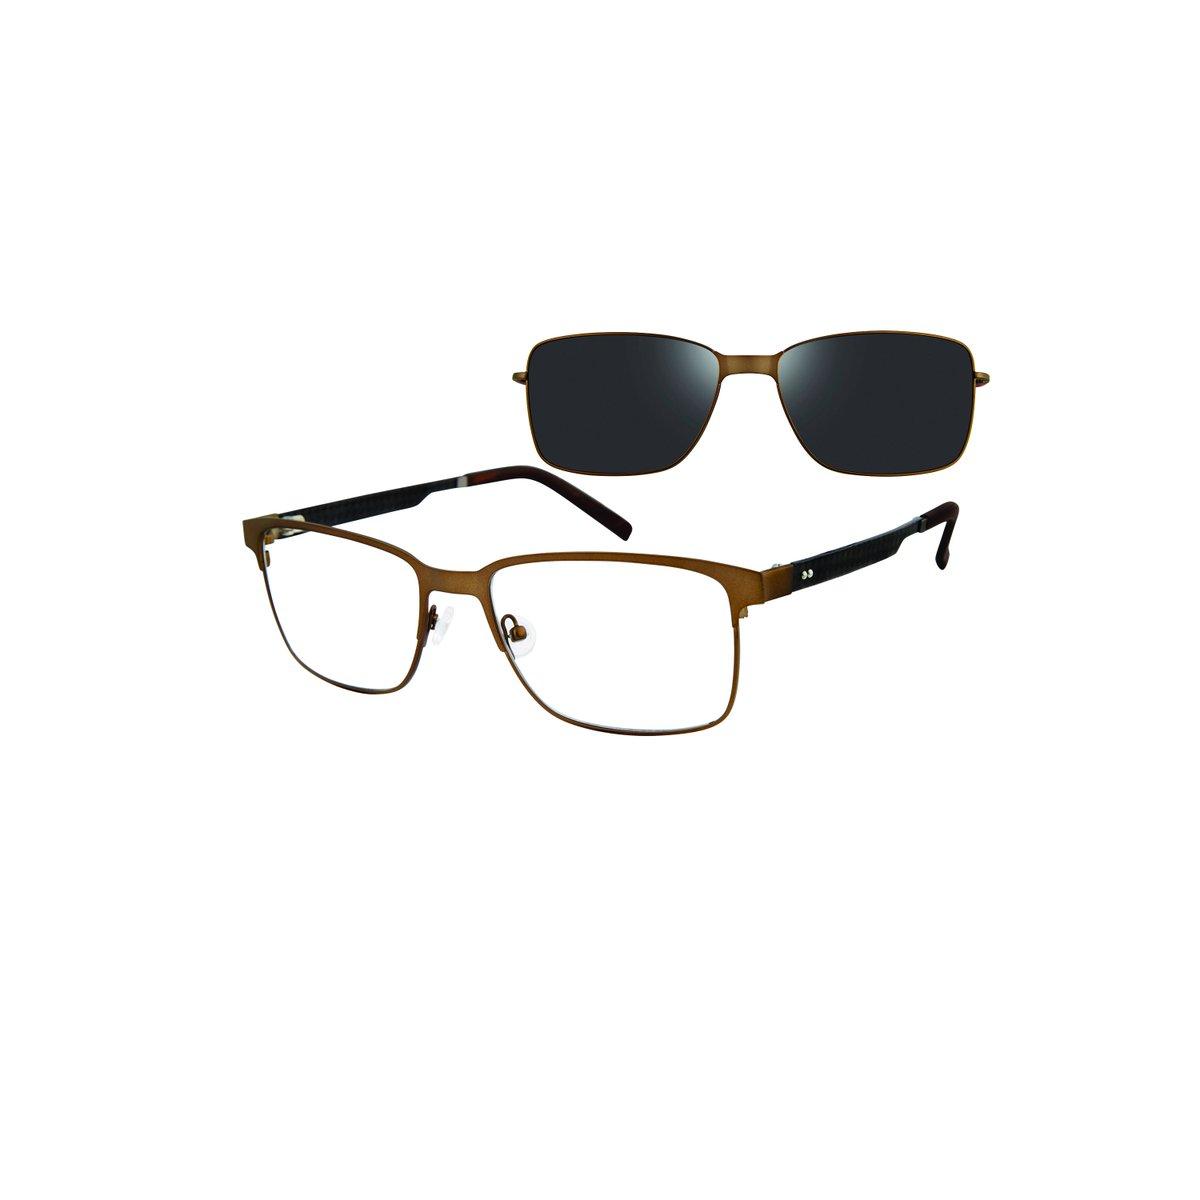 d88365e5eb4 Revolution eyewear on twitter jpg 1200x1200 Revolution eyeglasses frame  magnetic